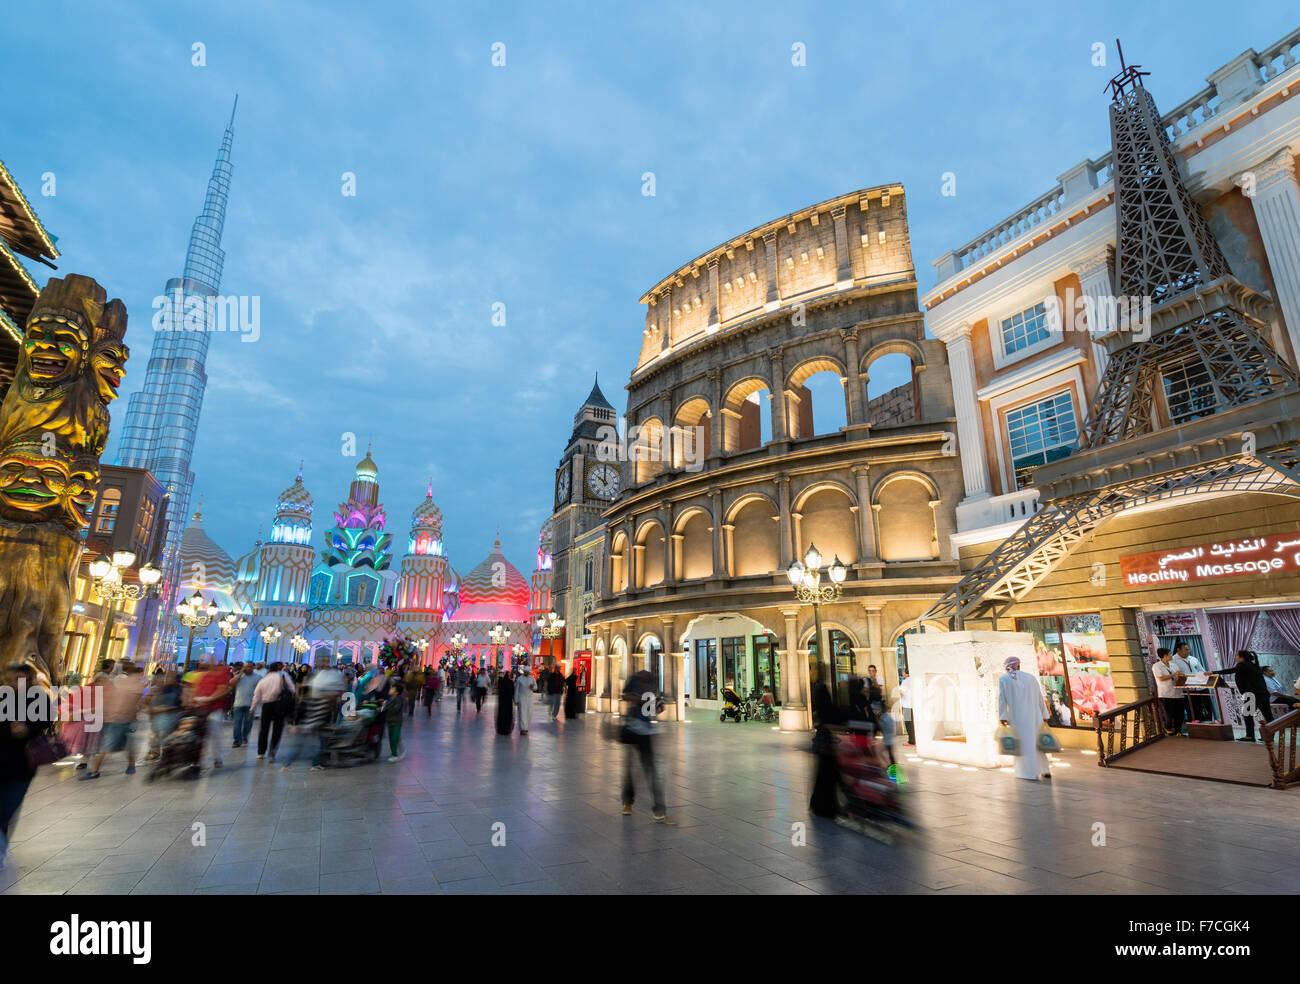 Vista de noche de pabellones internacionales en la Aldea Global 2015 en Dubai, Emiratos Árabes Unidos Foto de stock